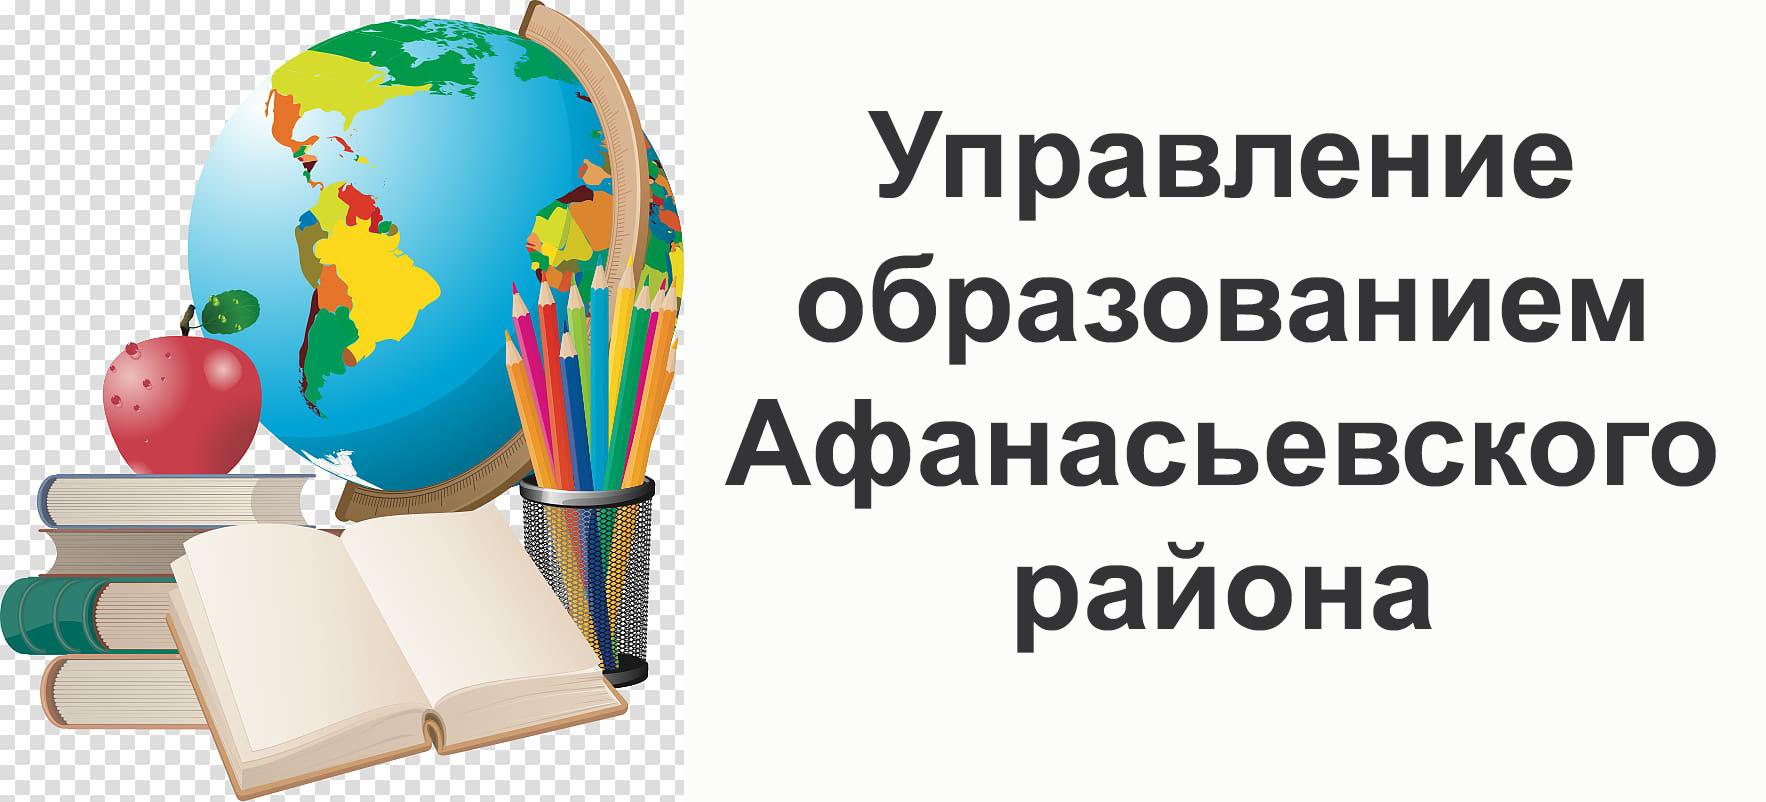 Управление образованием Афанасьевского района